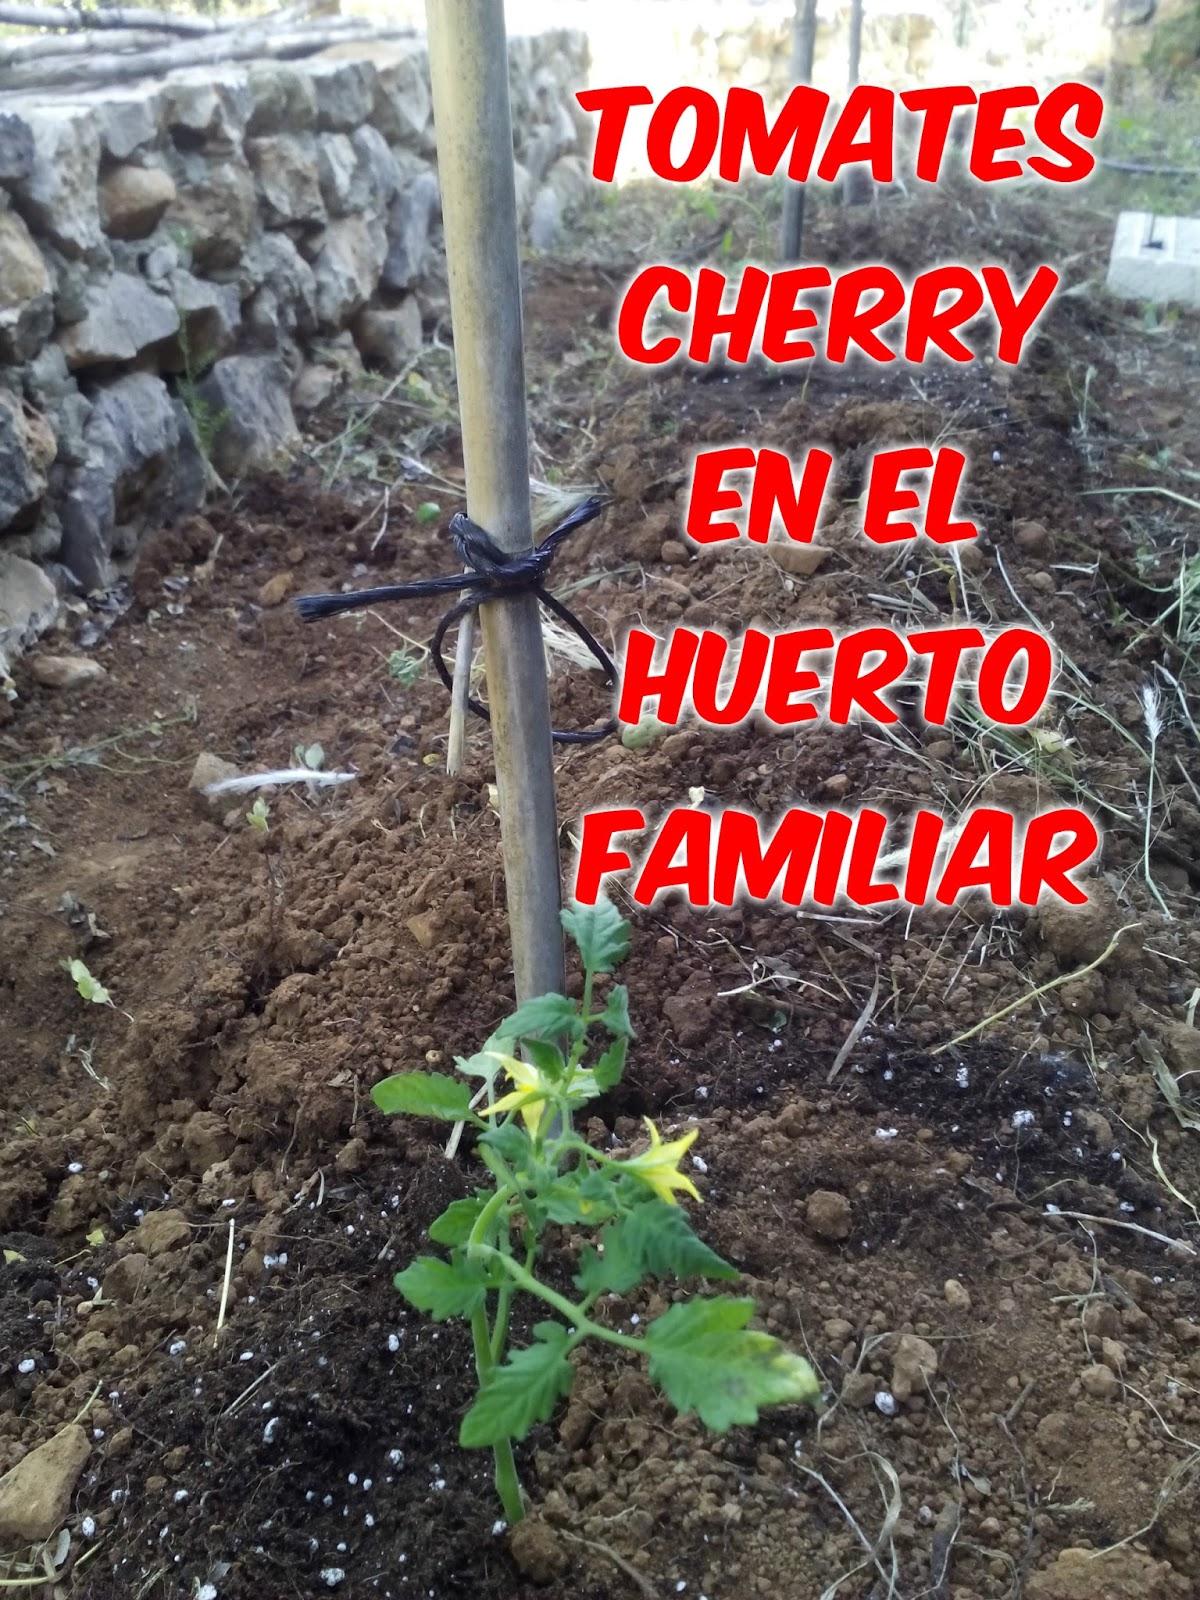 origen e historia como multitud de cultivos su origen es merica no se ha fijado un pas en concreto la zona de origen abarca a per ecuador y chile y